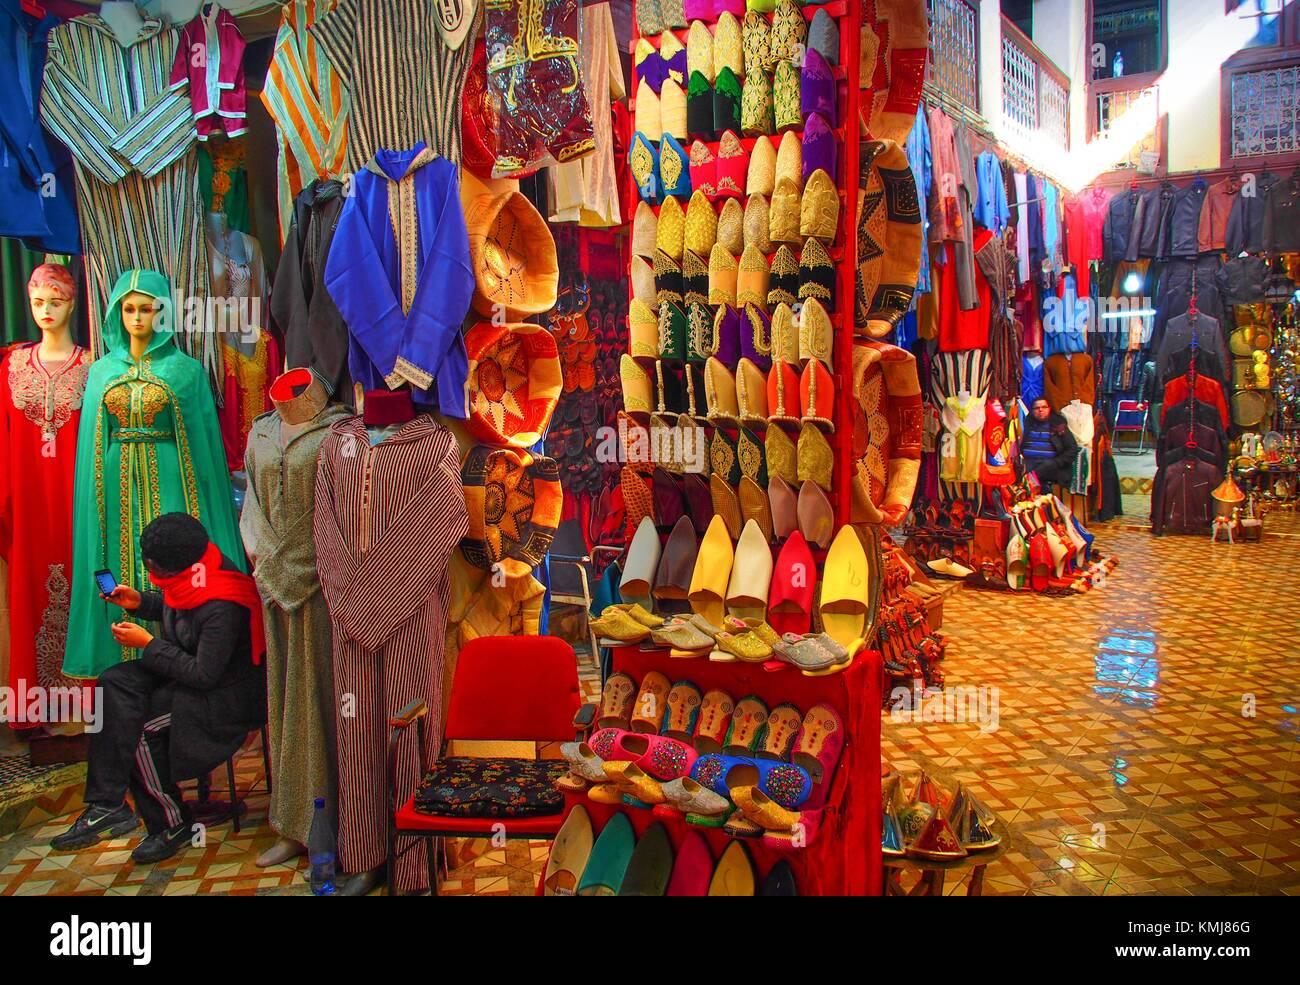 Marruecos, Fes, en uno de los muchos zoco de ''Medina'' (parte vieja) de Fes. Imagen De Stock